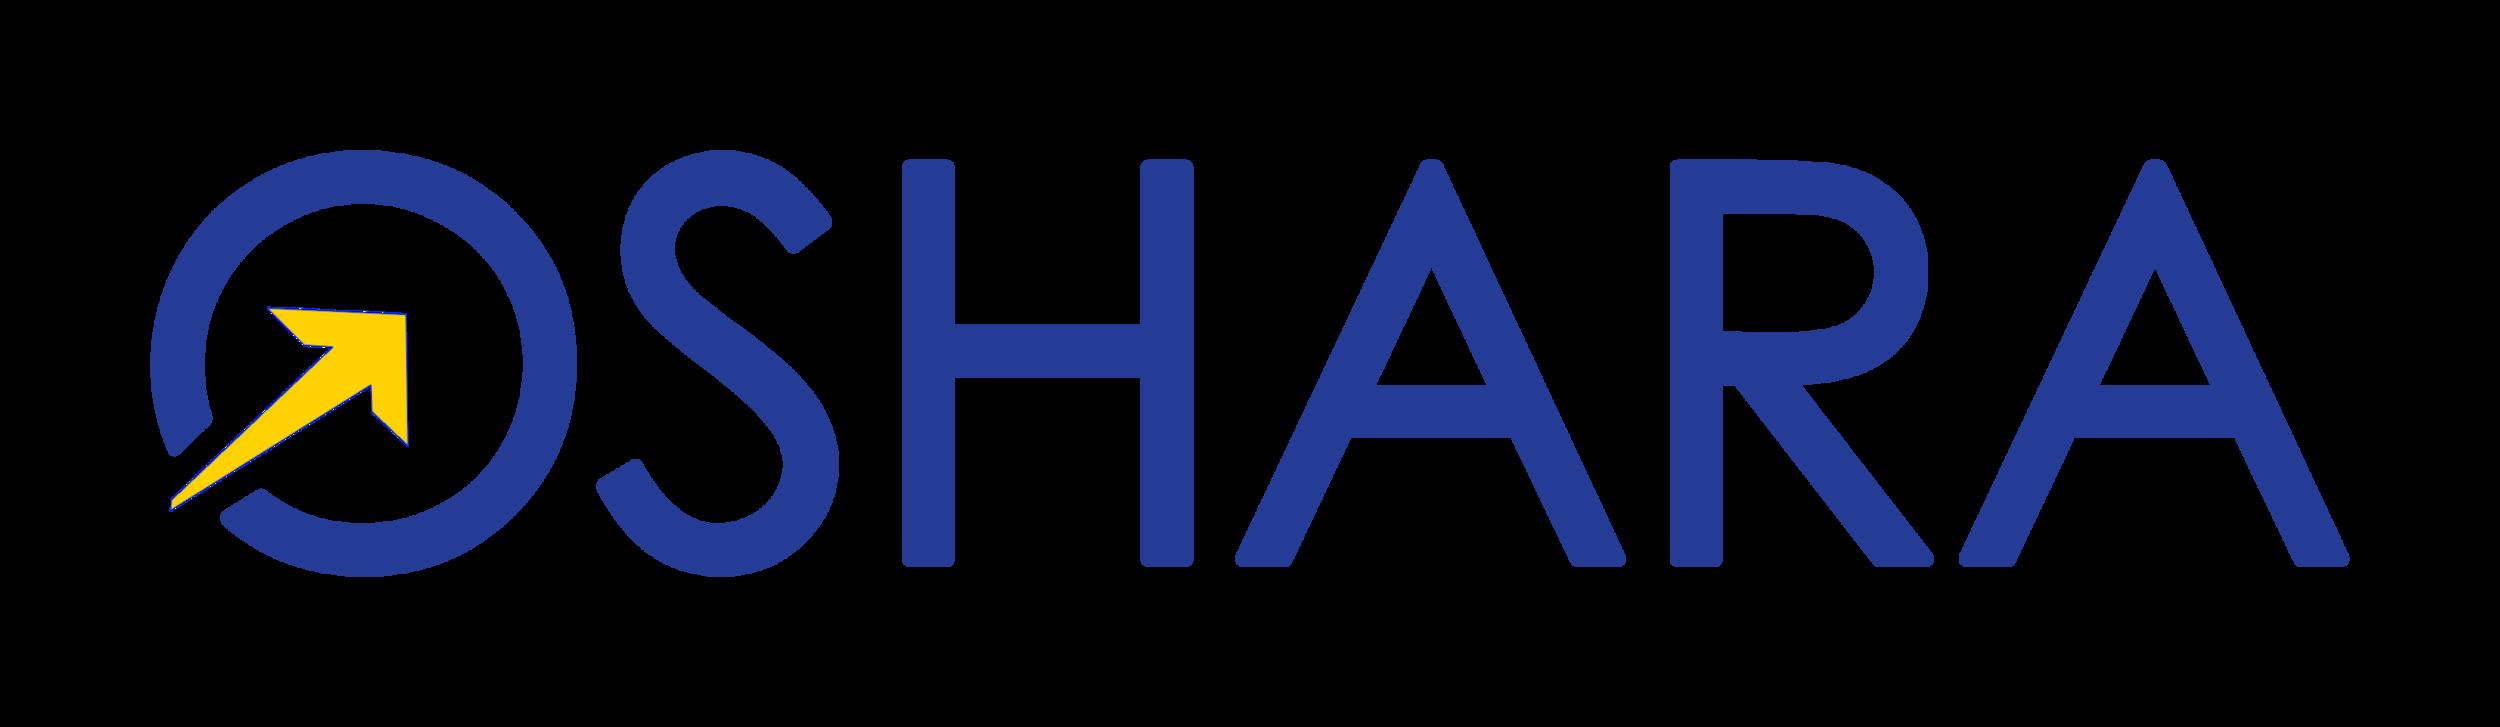 Oshara_Original_Logo.png